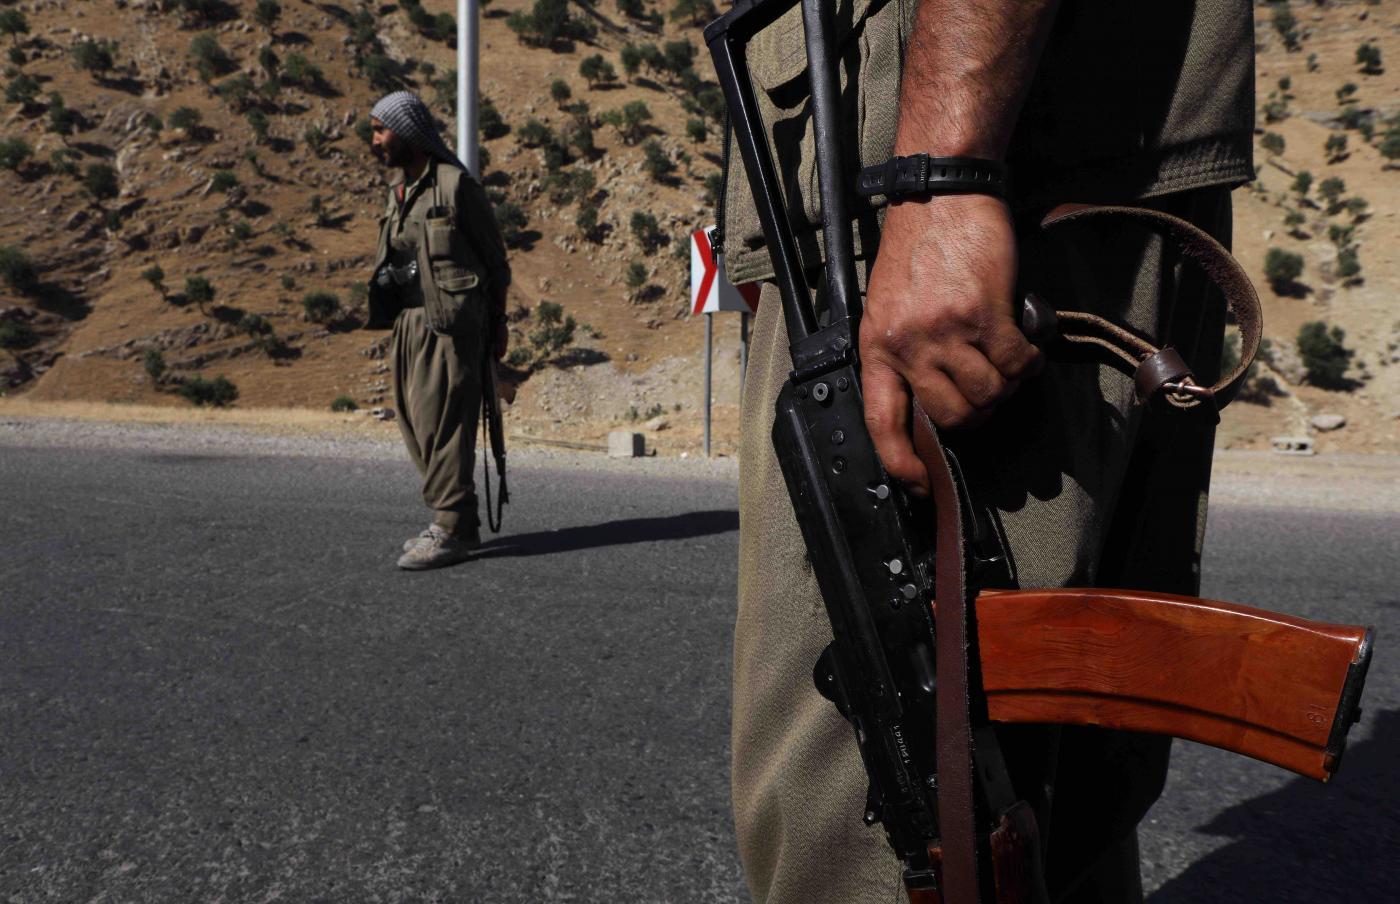 罕见合作!土耳其和伊朗将共同打击库尔德武装